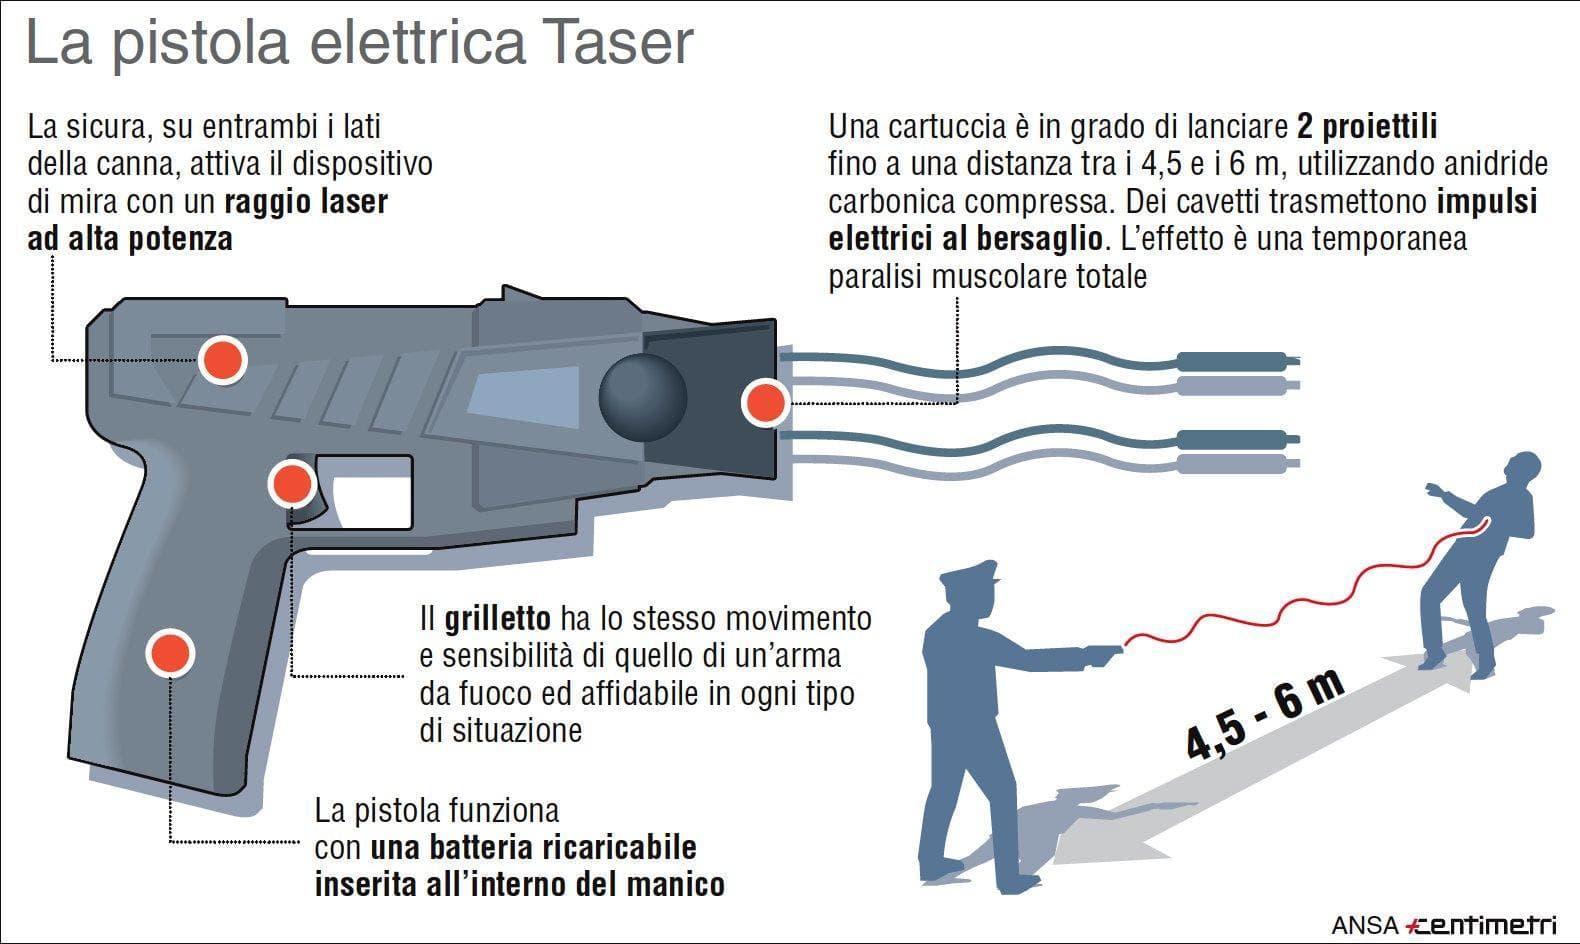 taser ansa infografica-2